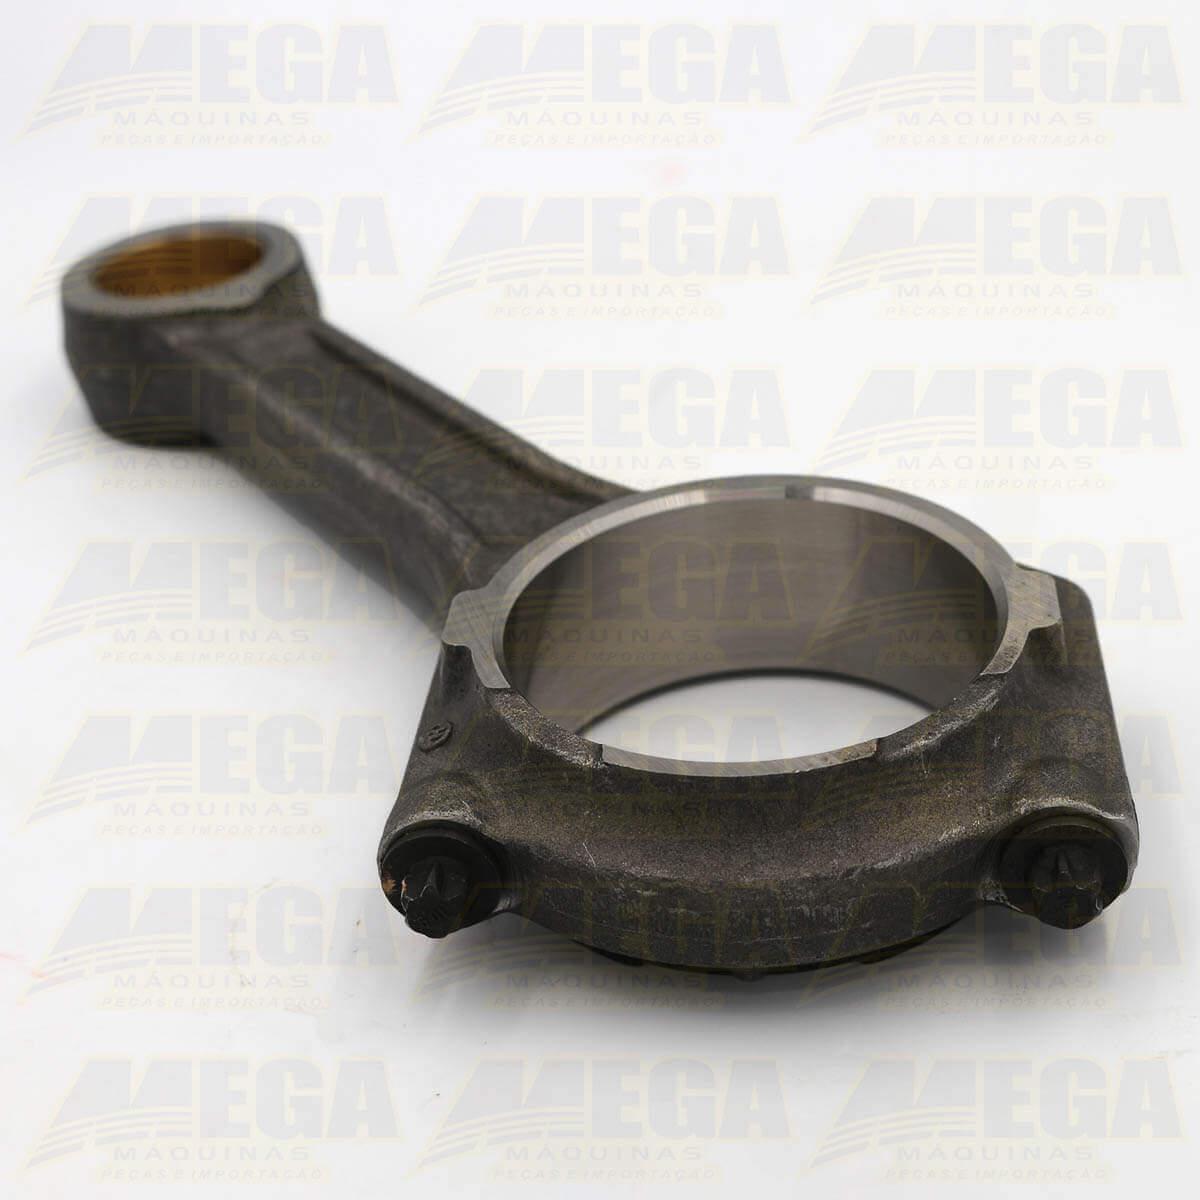 Biela do Motor DieselMax 444 - 320/03114